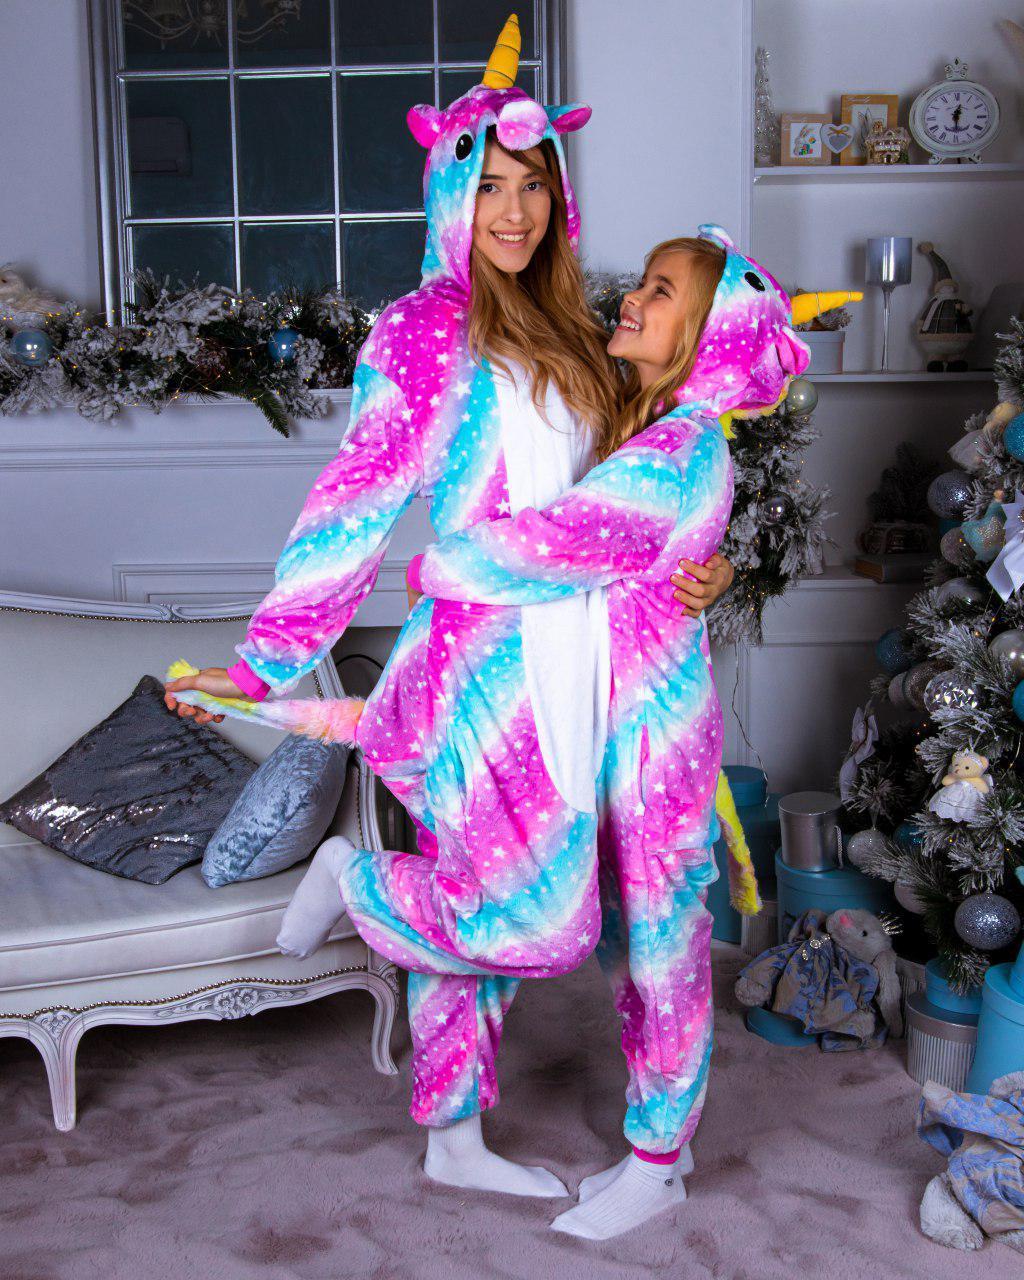 Кигуруми взрослые. Пижама кигуруми. Кигуруми для взрослых. Кигуруми единорог. Кігурумі дорослі. Доросла піжама